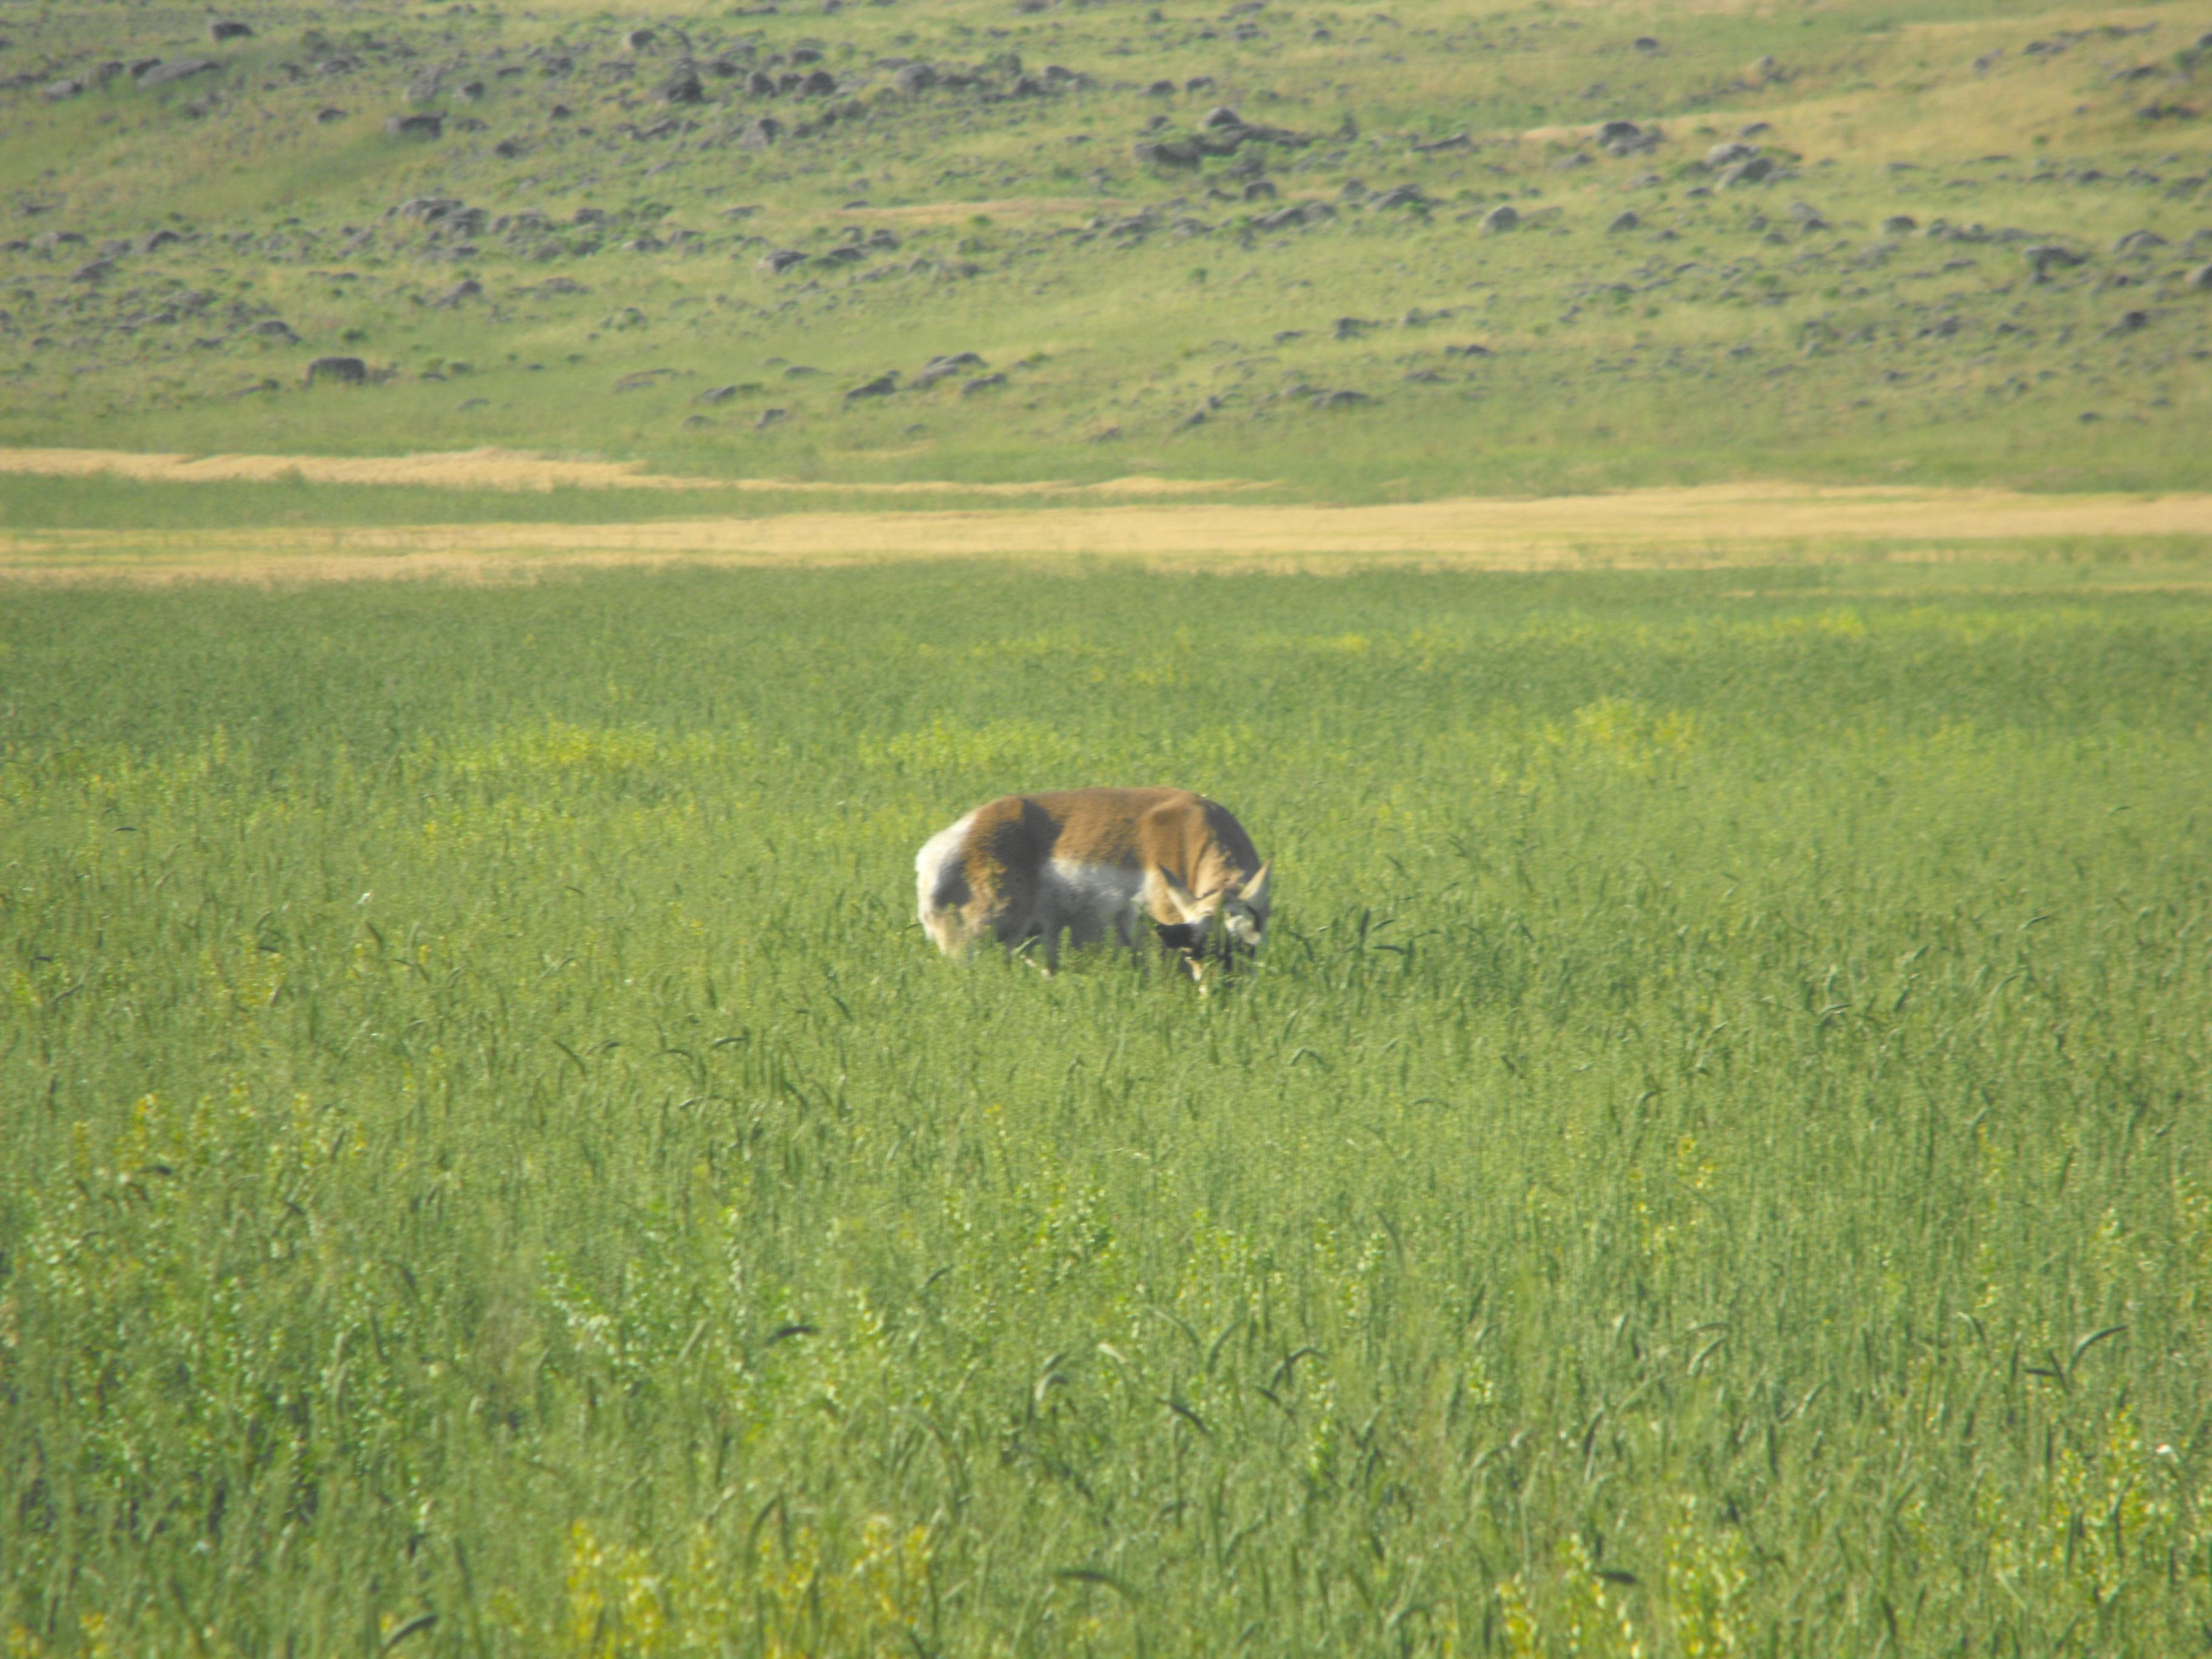 yellowstone, yellowstone national park, gazelle